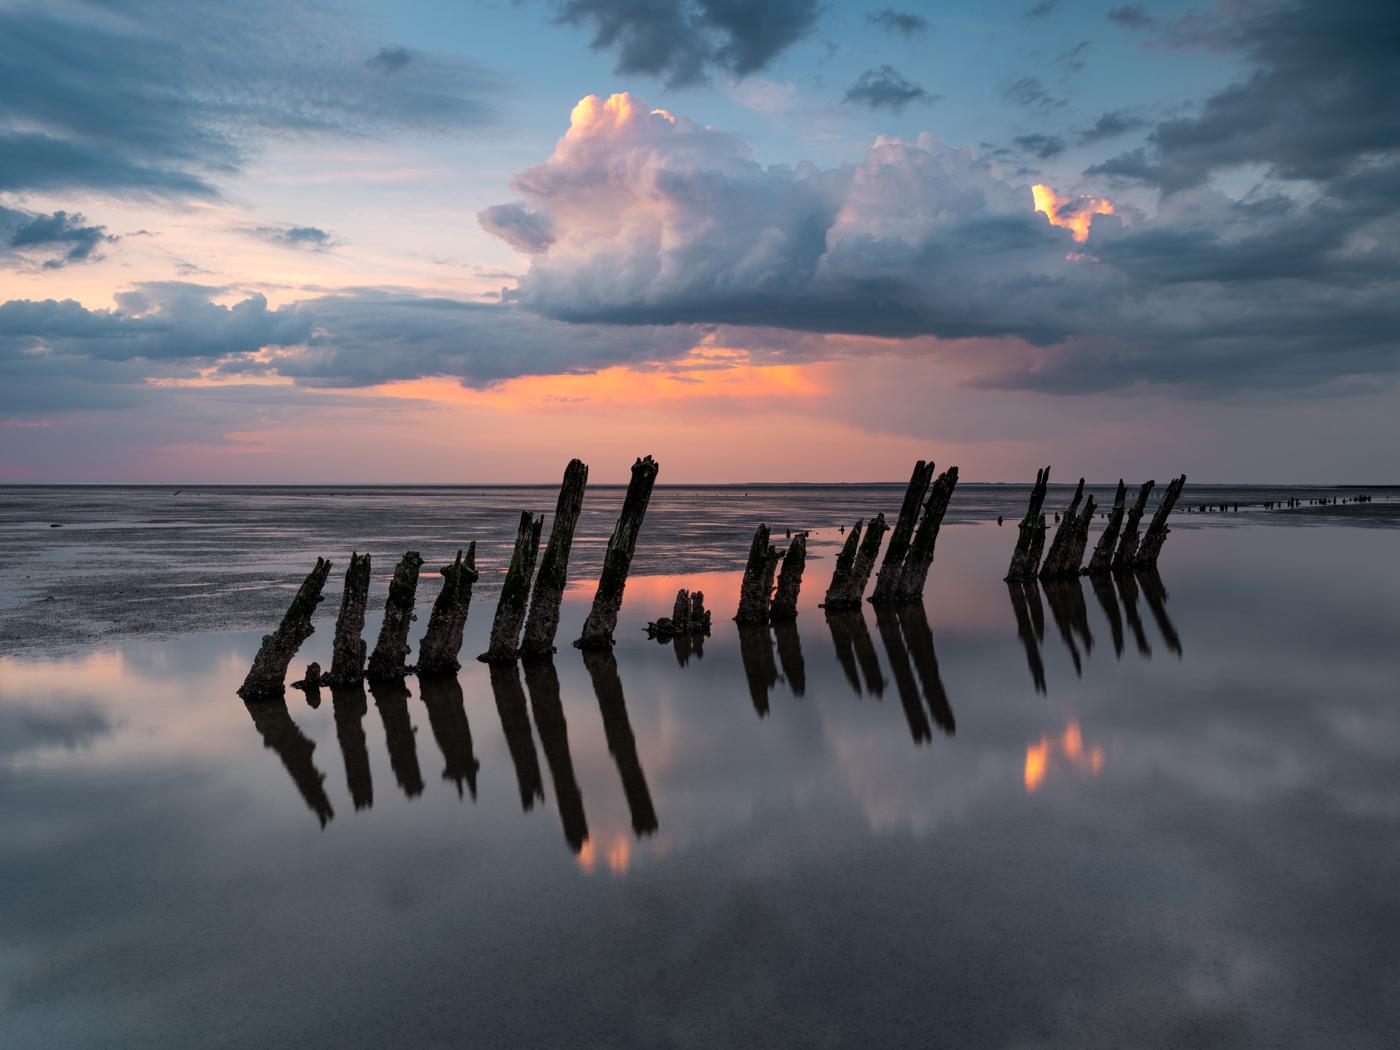 Landschapsfotograaf Harmen Piekema aan de Waddenzee